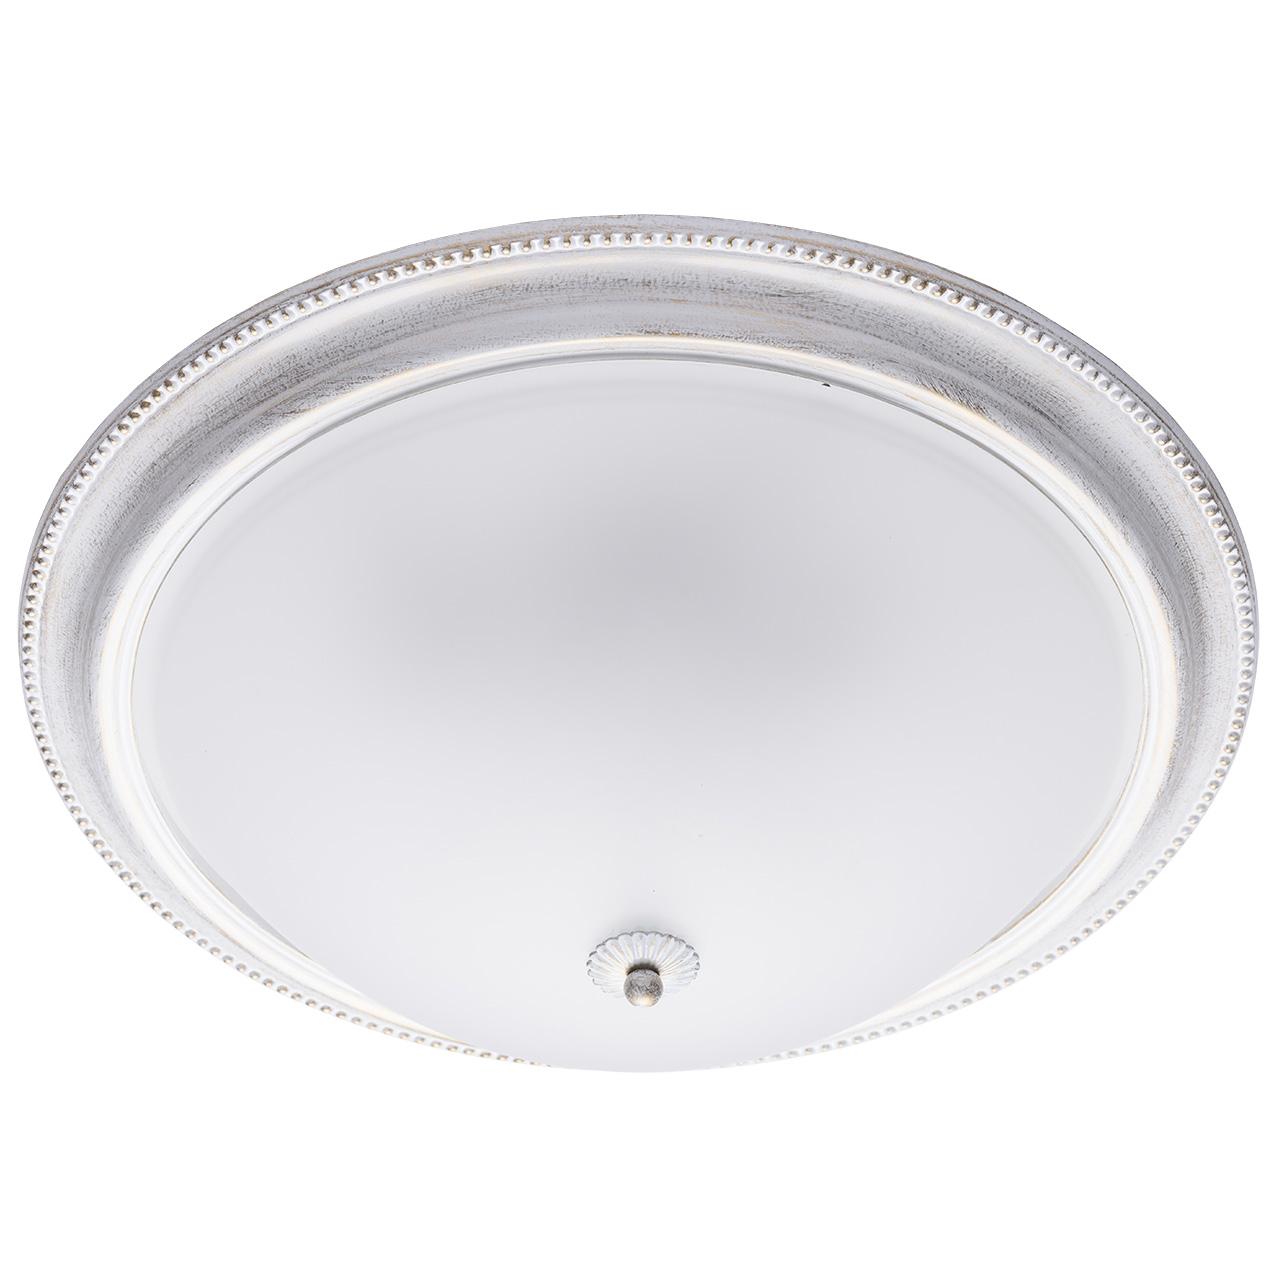 Светильник настенно-потолочный Mw light 450013505